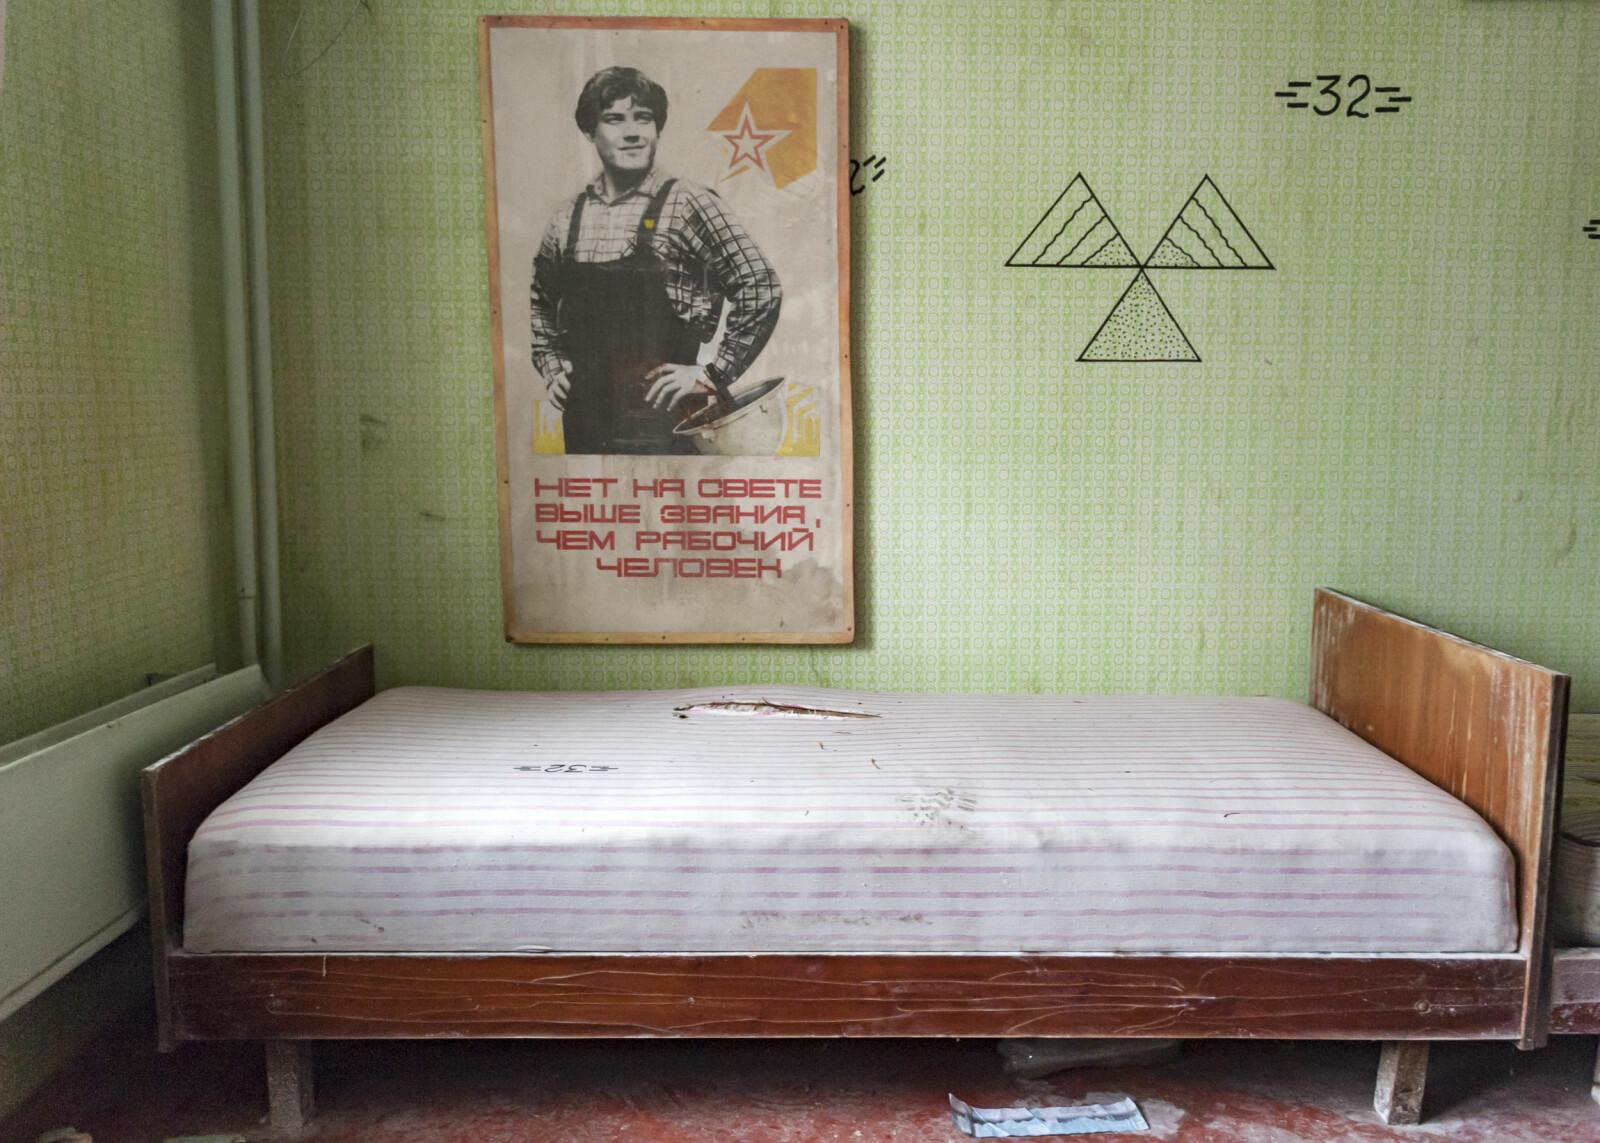 <b>PROPAGANDA:</b> Sovjetpropaganda inne i en blokkleilighet i Pribyat. Posteren er nyere og stammer fra mennesker som har bodd ulovlig i sonen. I dag bor ingen i Pribyat, men det er fortsatt omkring 300 mennesker som har nektet å forlate sikkerhetssonen.